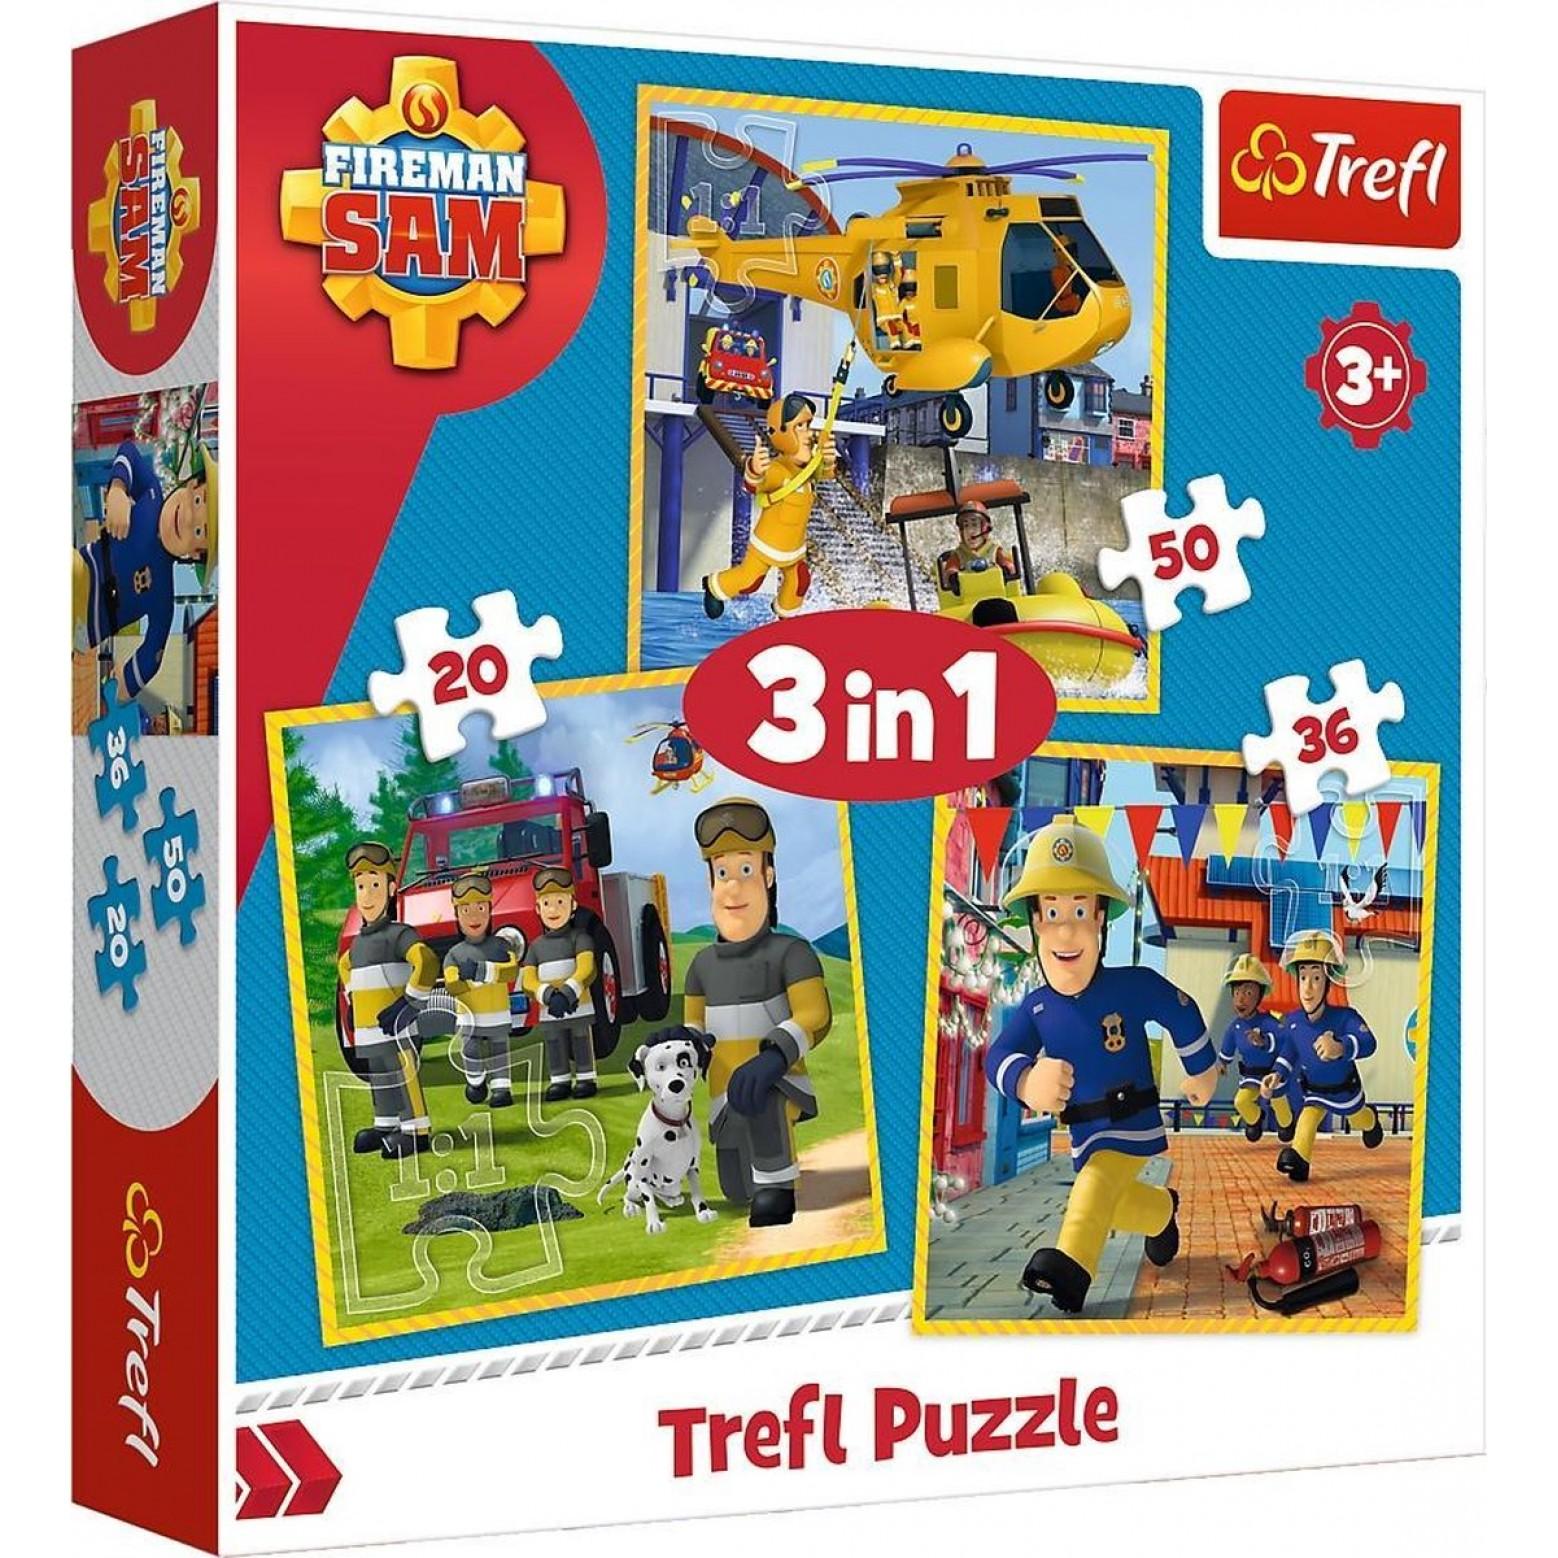 Brandweerman Sam puzzel 3 in 1 20-36-50 stukjes vanaf 3 jaar